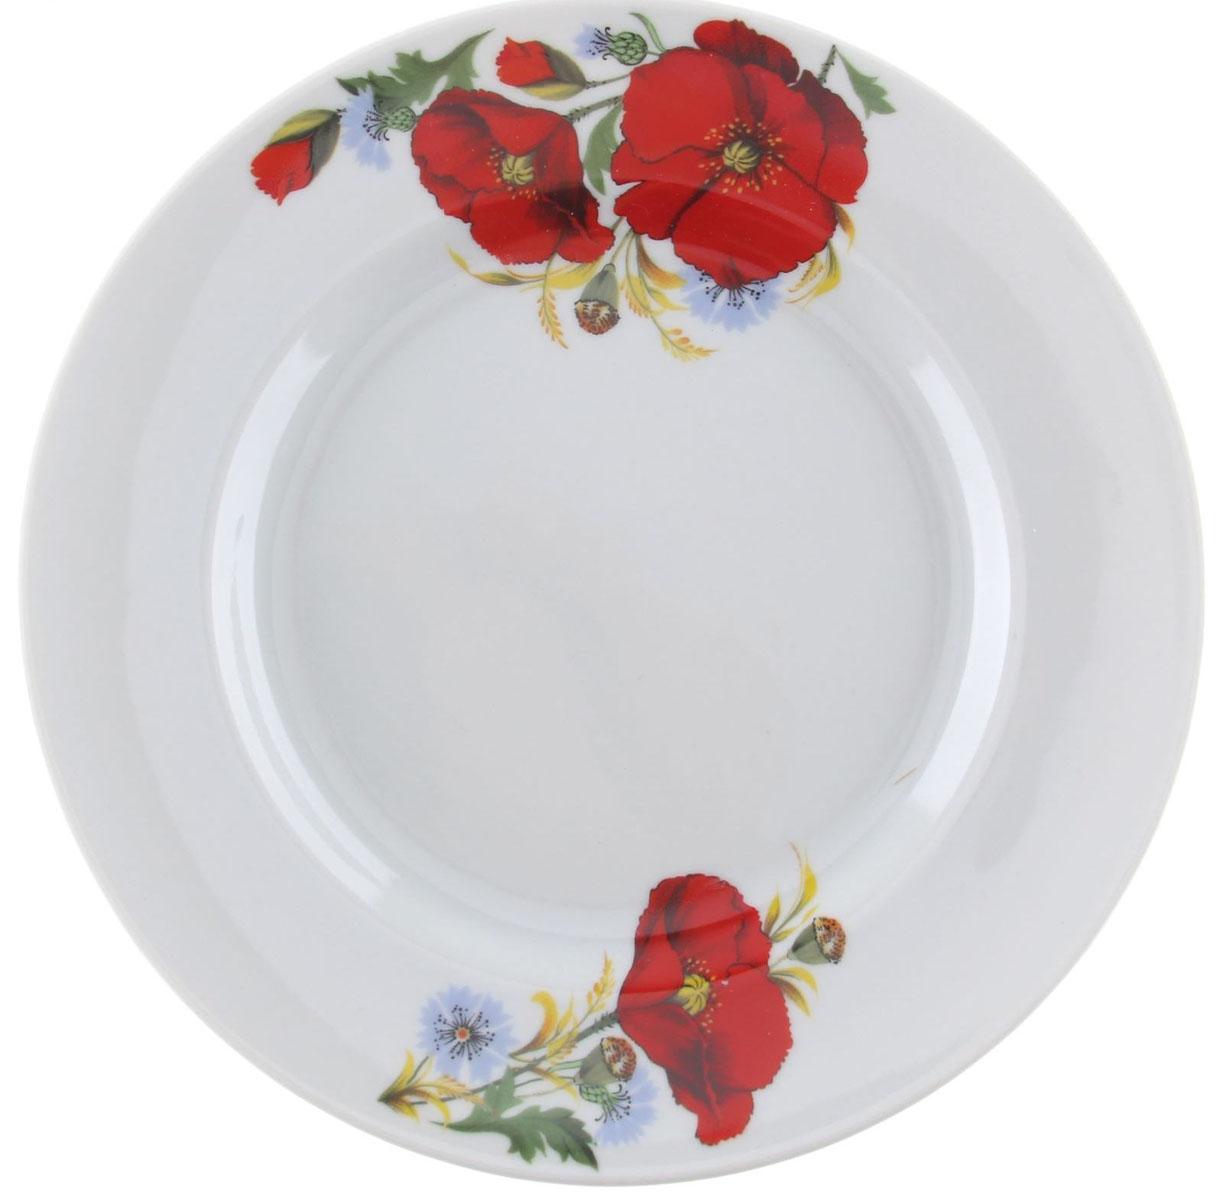 """Мелкая тарелка """"Идиллия. Маки красные"""" выполнена из высококачественного фарфора и украшена ярким цветочным рисунком. Она прекрасно впишется в интерьер вашей кухни и станет достойным дополнением к кухонному инвентарю.  Тарелка """"Идиллия. Маки красные"""" подчеркнет прекрасный вкус хозяйки и станет отличным подарком.   Диаметр тарелки: 20 см."""